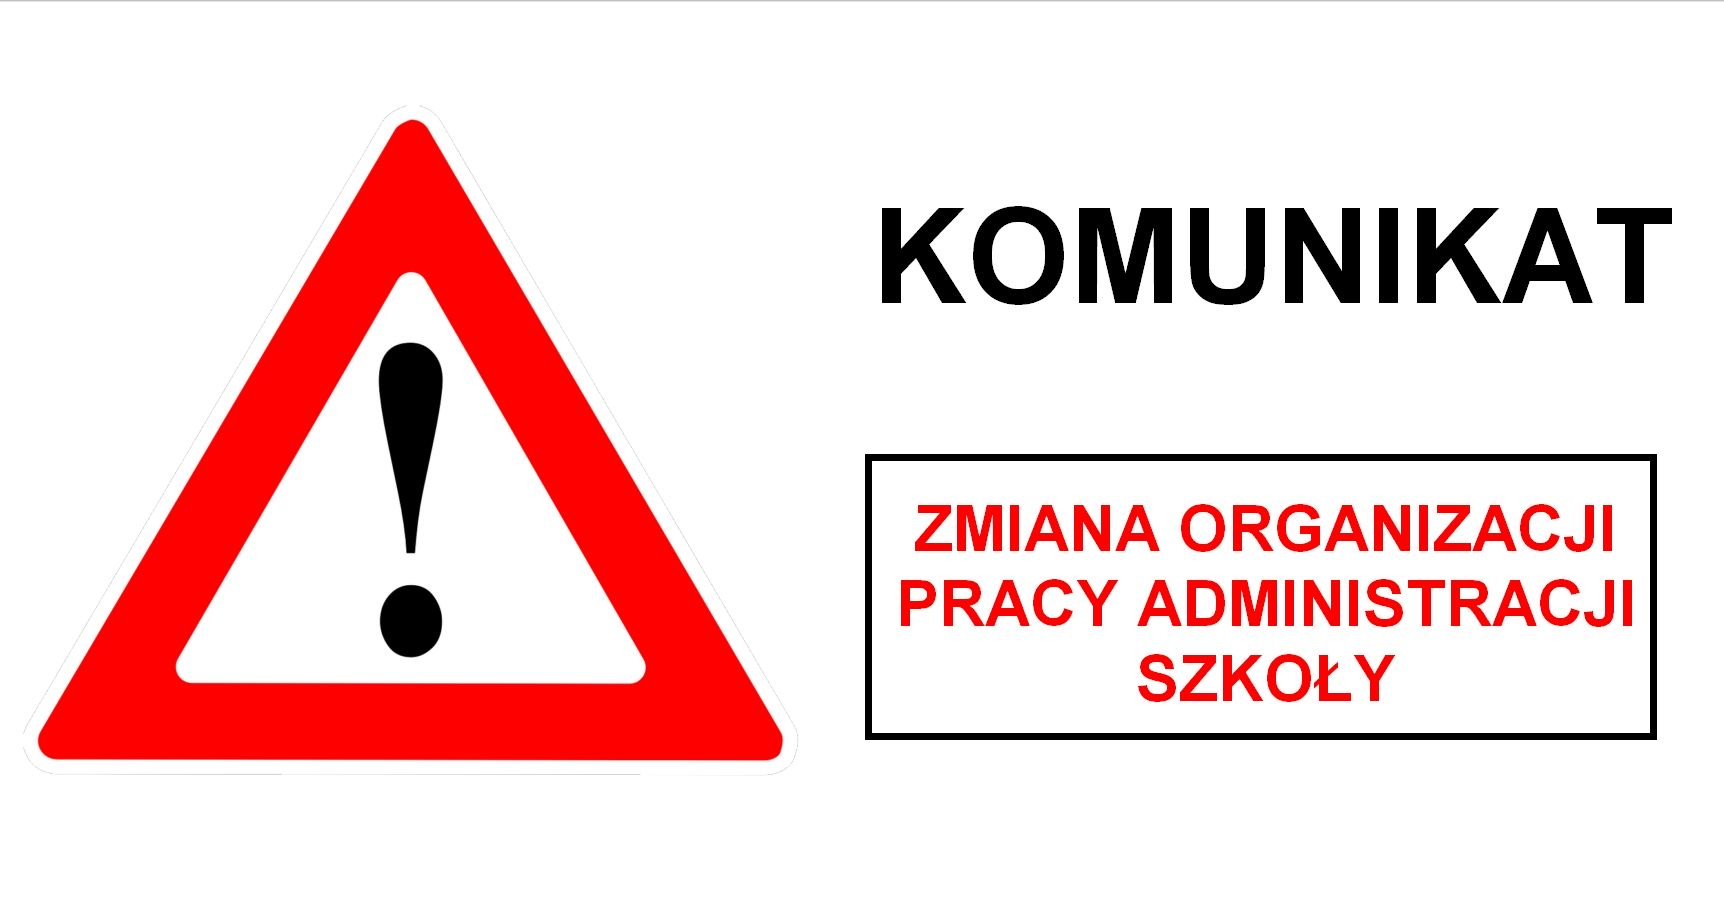 znak ostrzeżenia na białym tle i napis zmiana organizacji pracy administracji szkoły